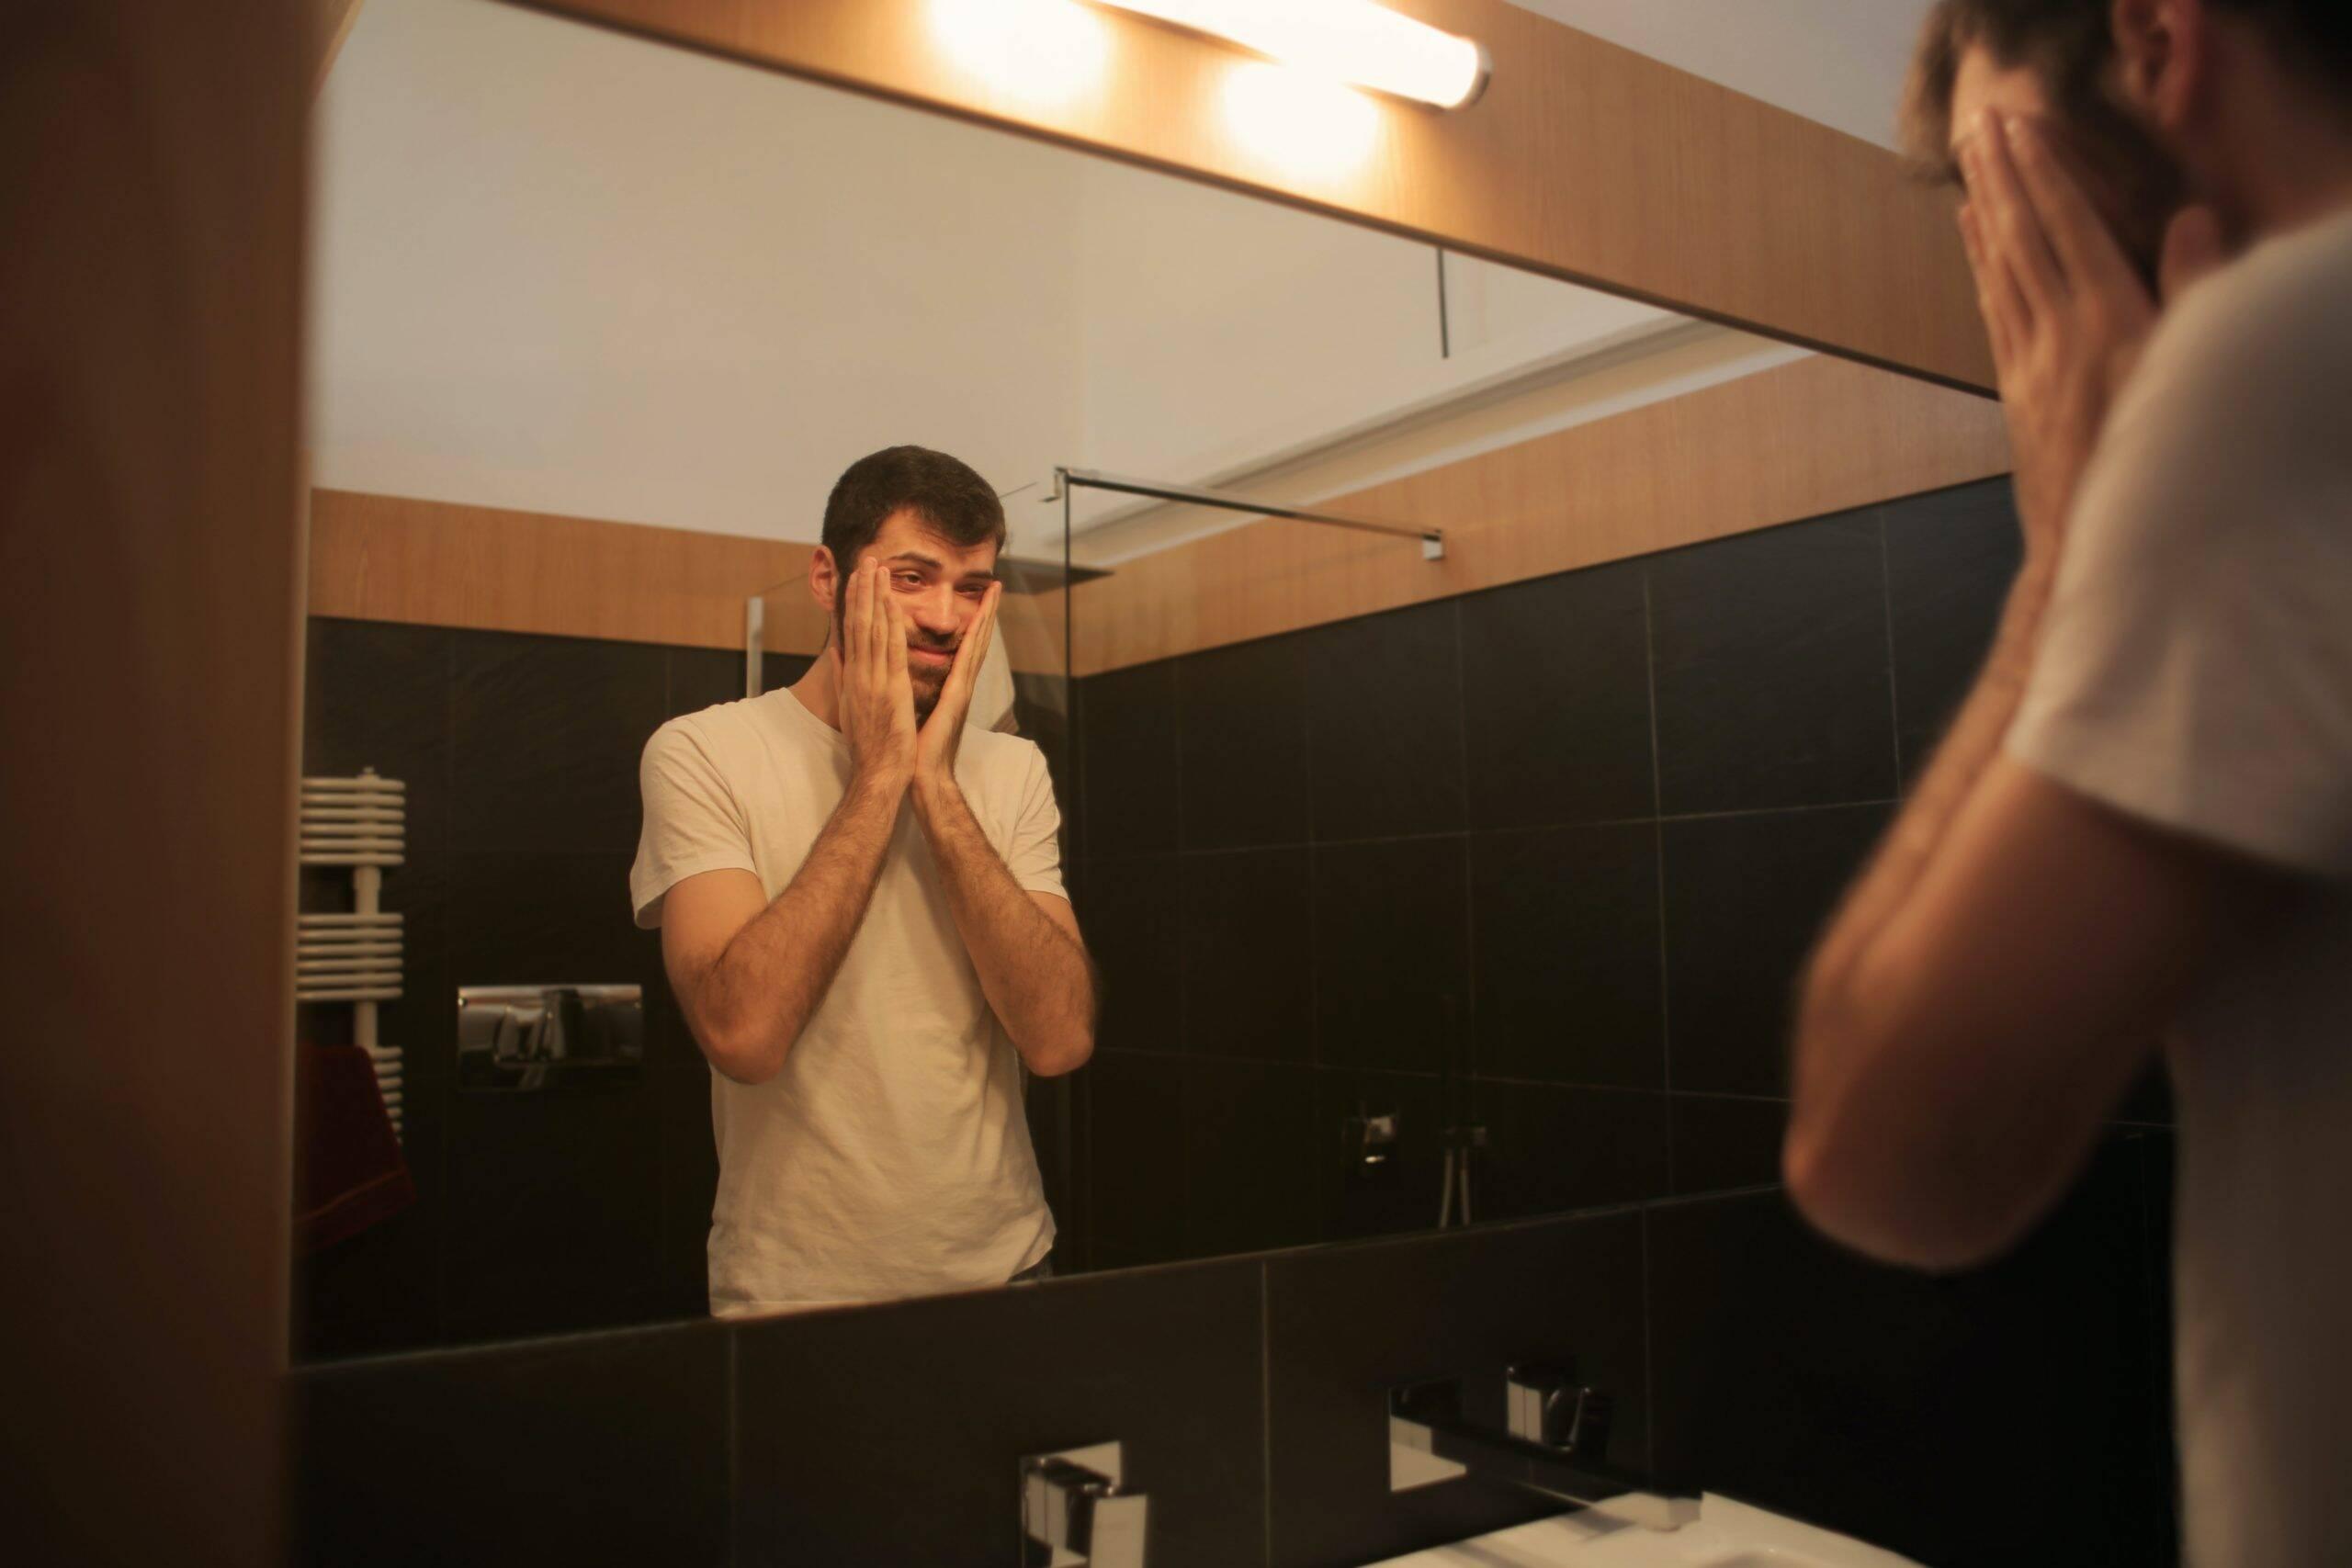 Logo depois, os sintomas podem ir evoluindo passando ao desânimo persistente e a baixa autoestima. (Foto: Pexels)